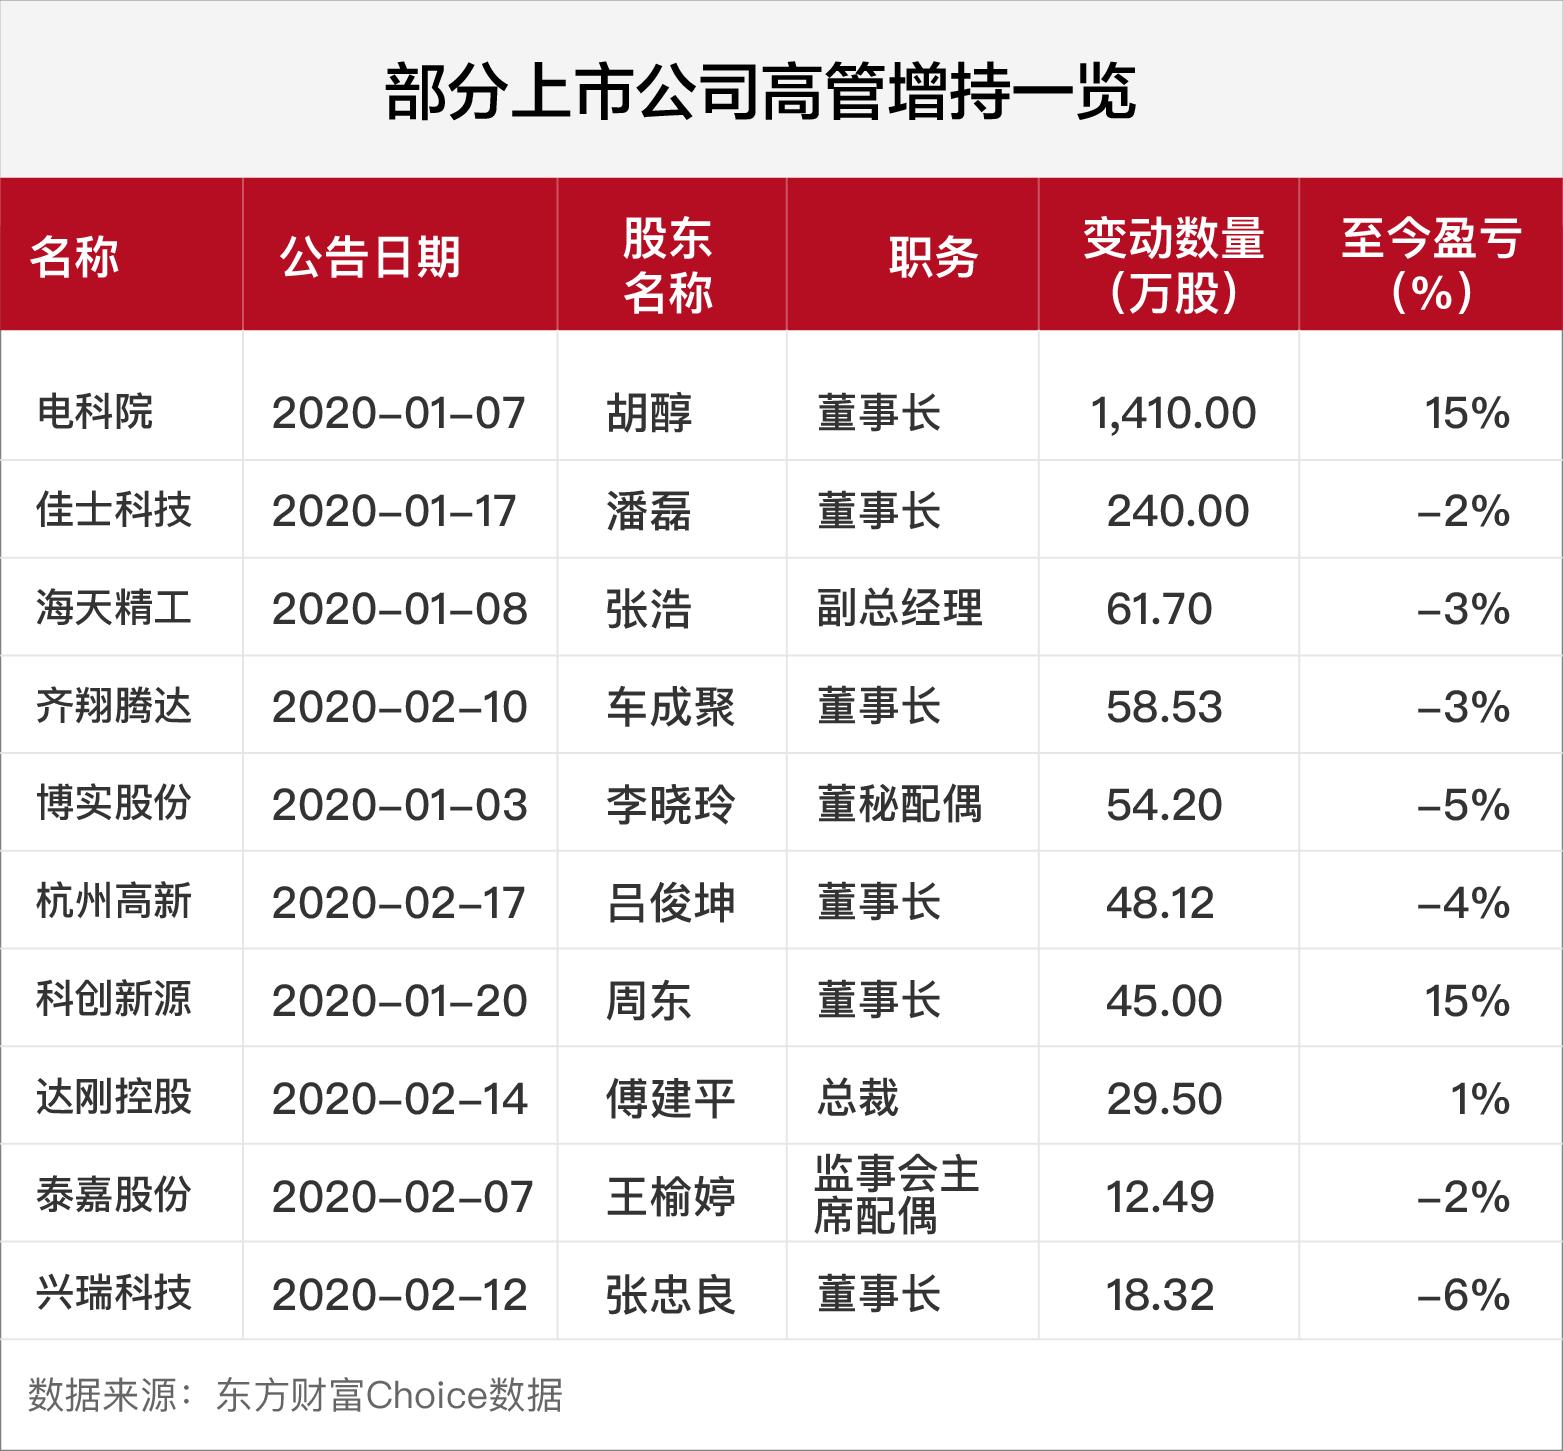 今年以来沪深两市815次增持公告背后 有高管精准抄底增持股价已上涨超50%-临沂泽焜网络科技有限公司